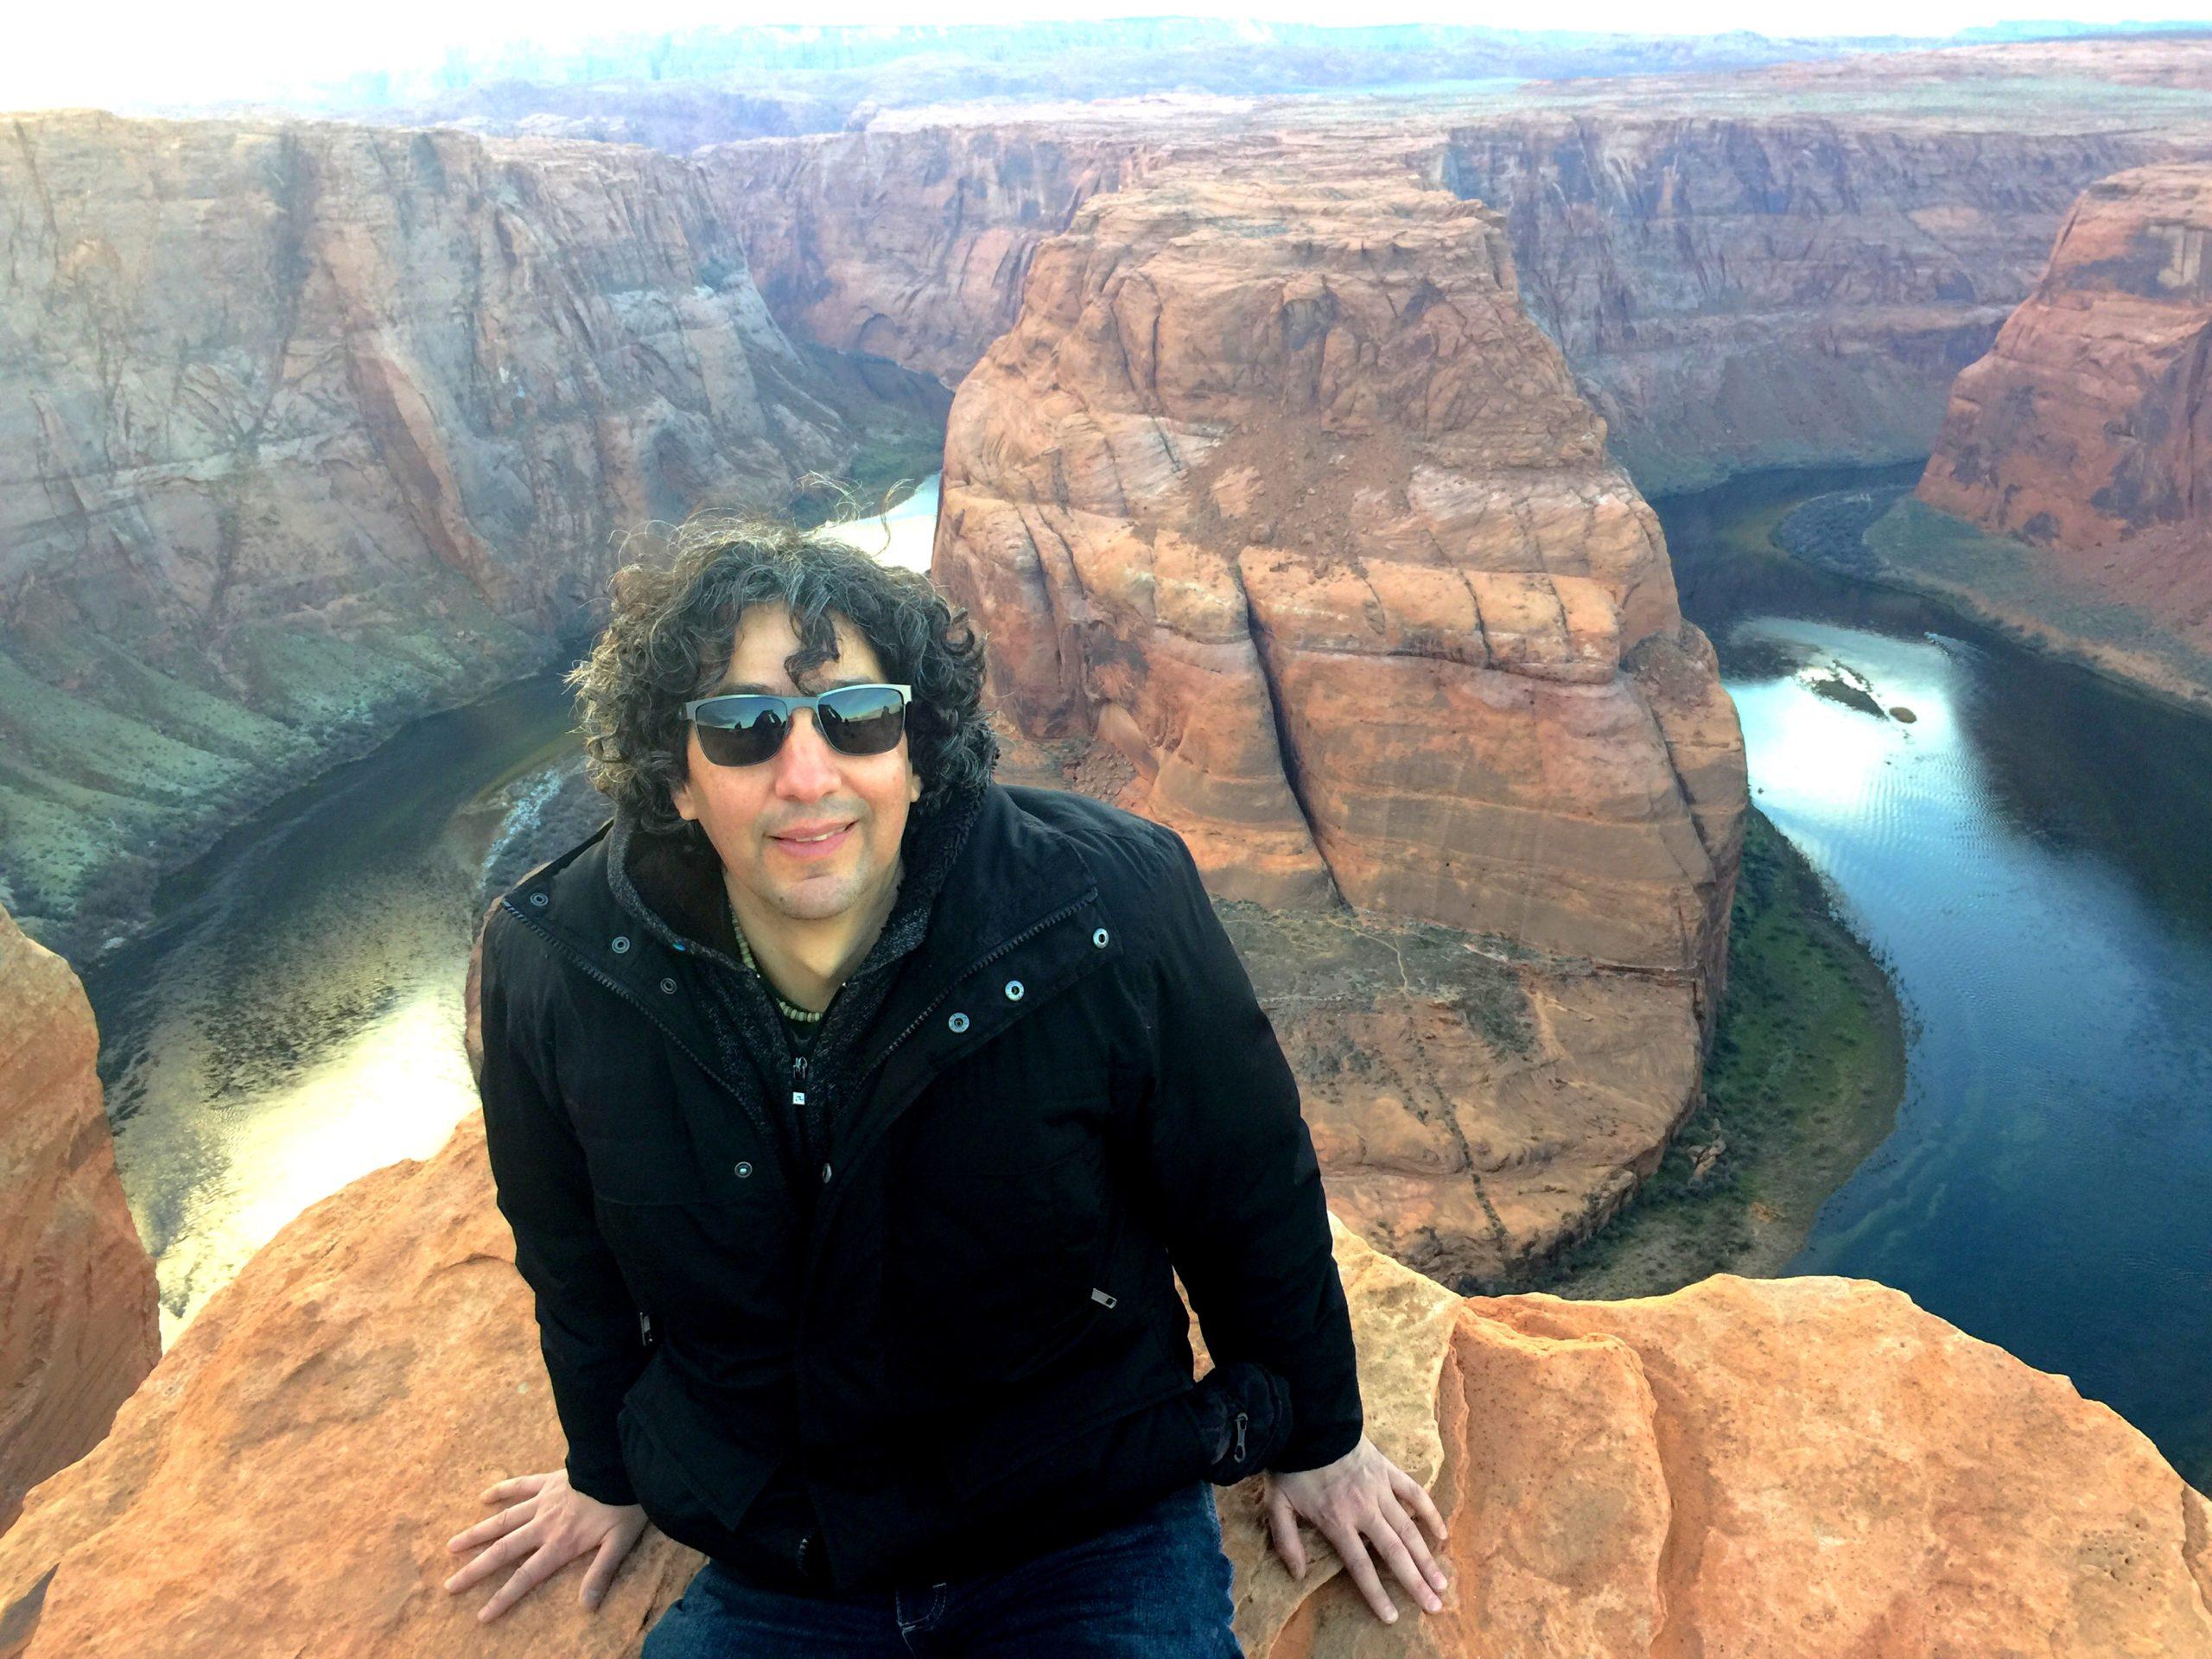 """Víctor Hugo en el cañón """"Horseshoe Bend"""", en Page, Arizona, llamado así por su forma de herradura de caballo. Toda el área está llena de maravillas naturales."""